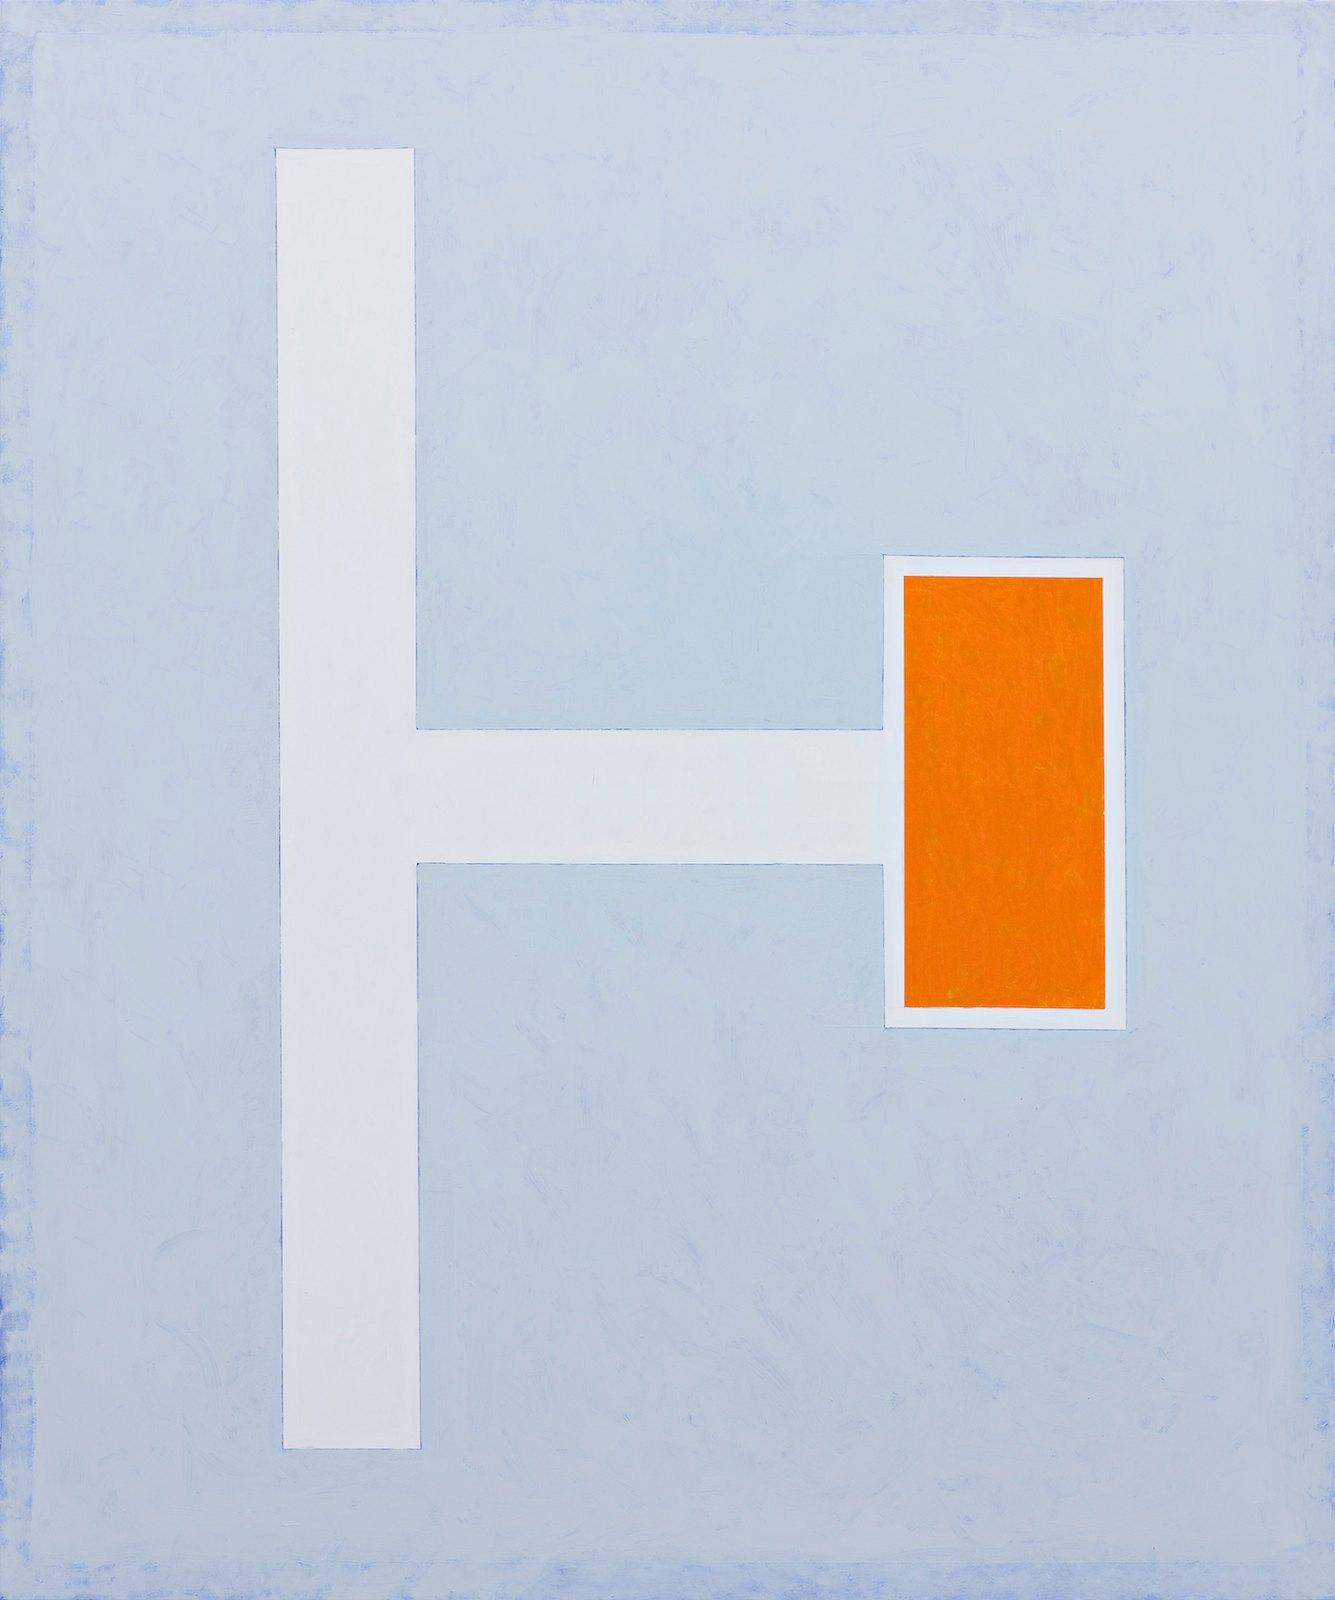 Dead end street II, 2010, acrylic on canvas, 145 x 120 cm